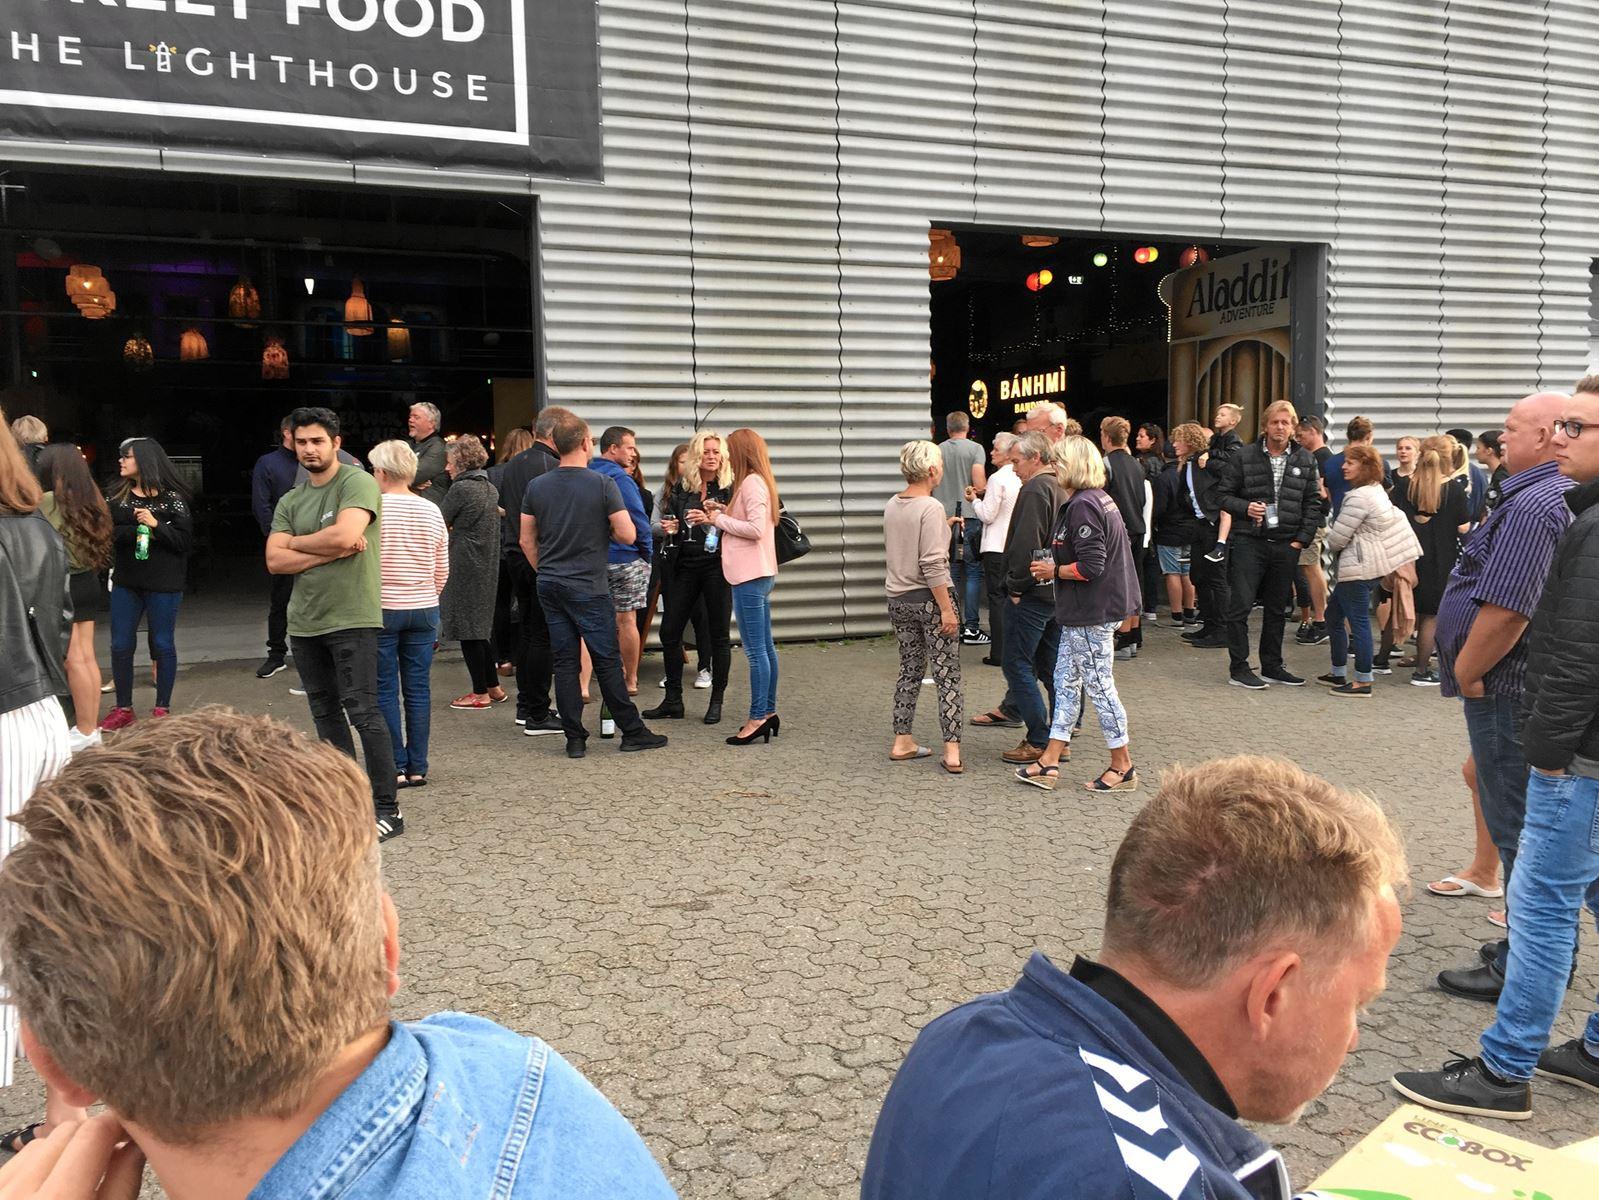 Madgæster på Aalborg Street Food - The Lighthouse kom hurtigt ud, da alarmen lød fredag aften